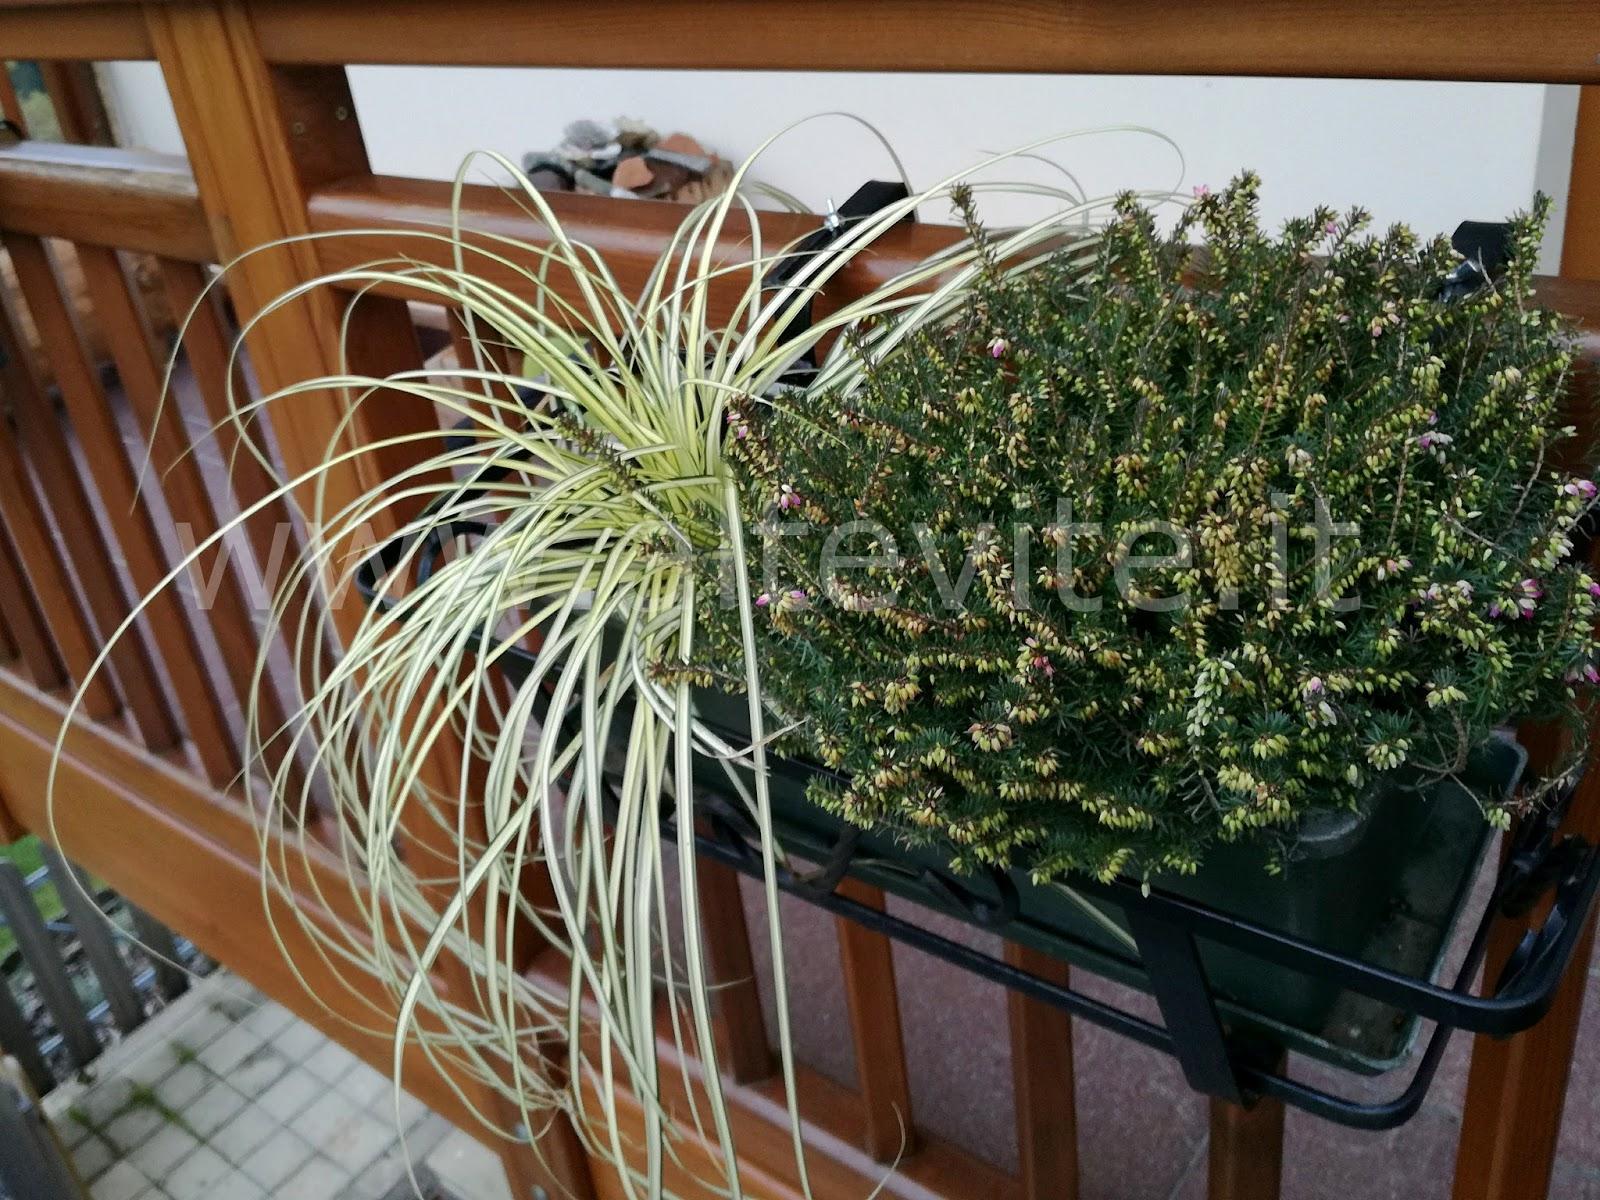 Composizione Vasi Da Balcone quali piante per il balcone invernale di montagna? | altevite